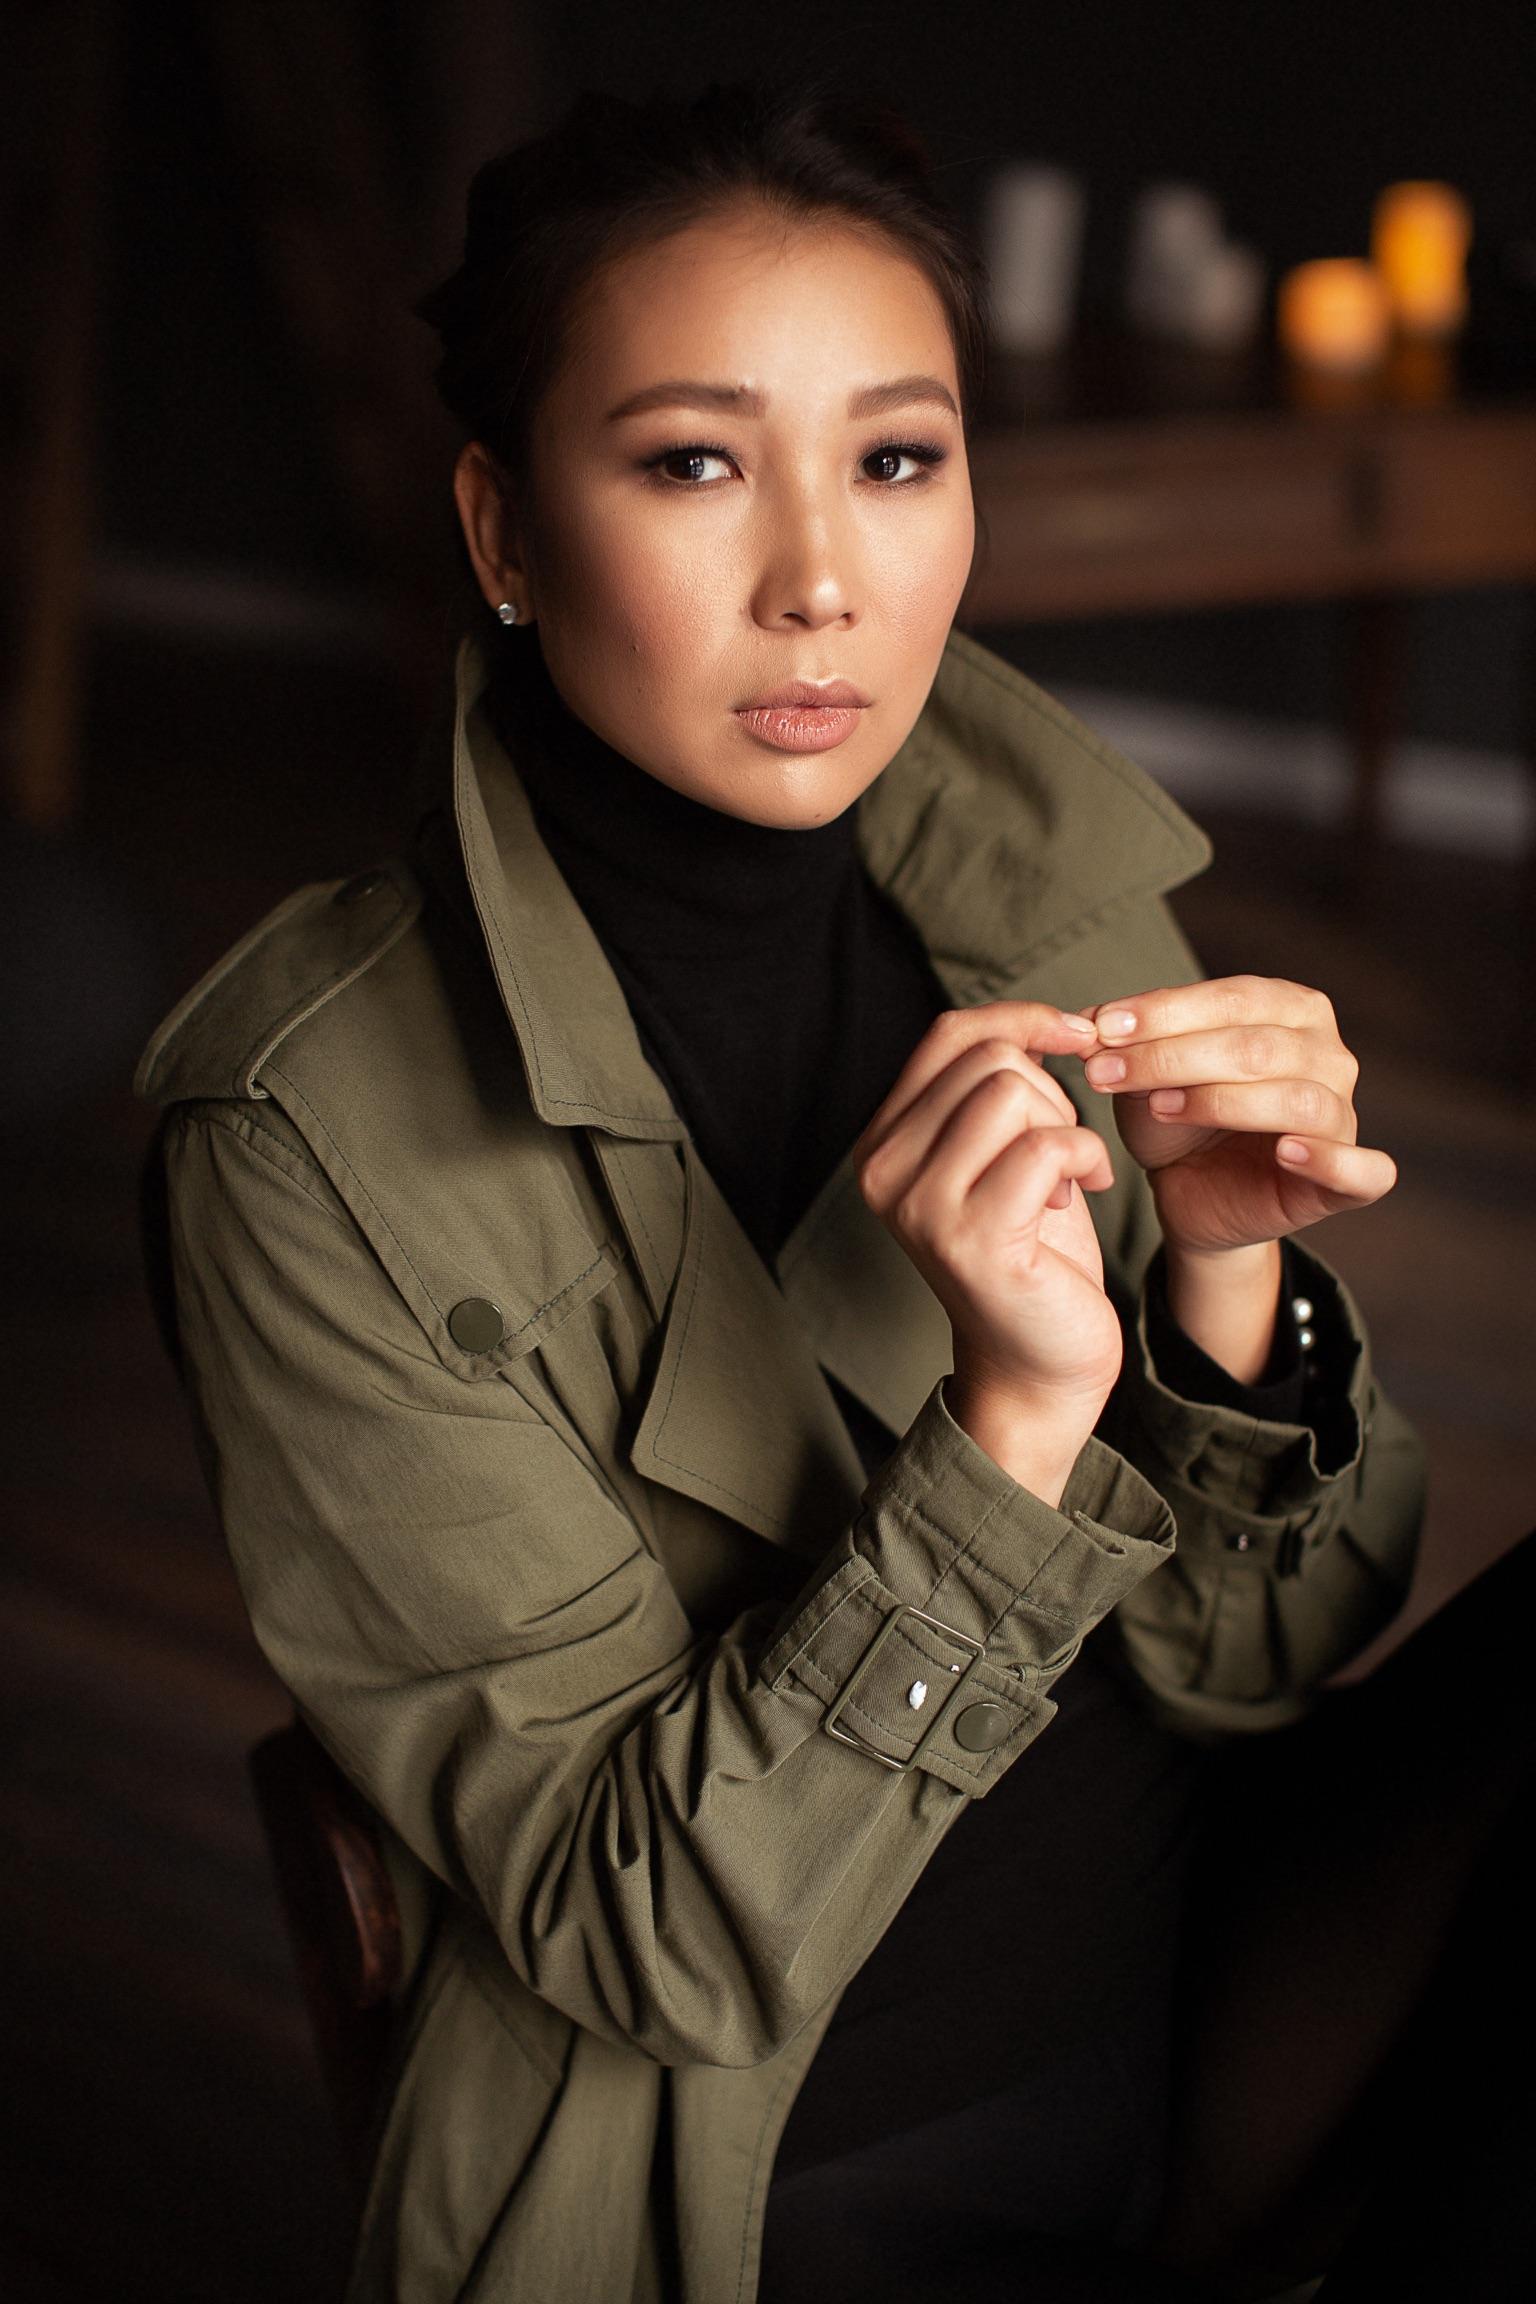 Айымжан Алмазбекова, дизайнер, основатель брендов и модных проектов , бизнесвумен. Фото: Ажар Шабданова